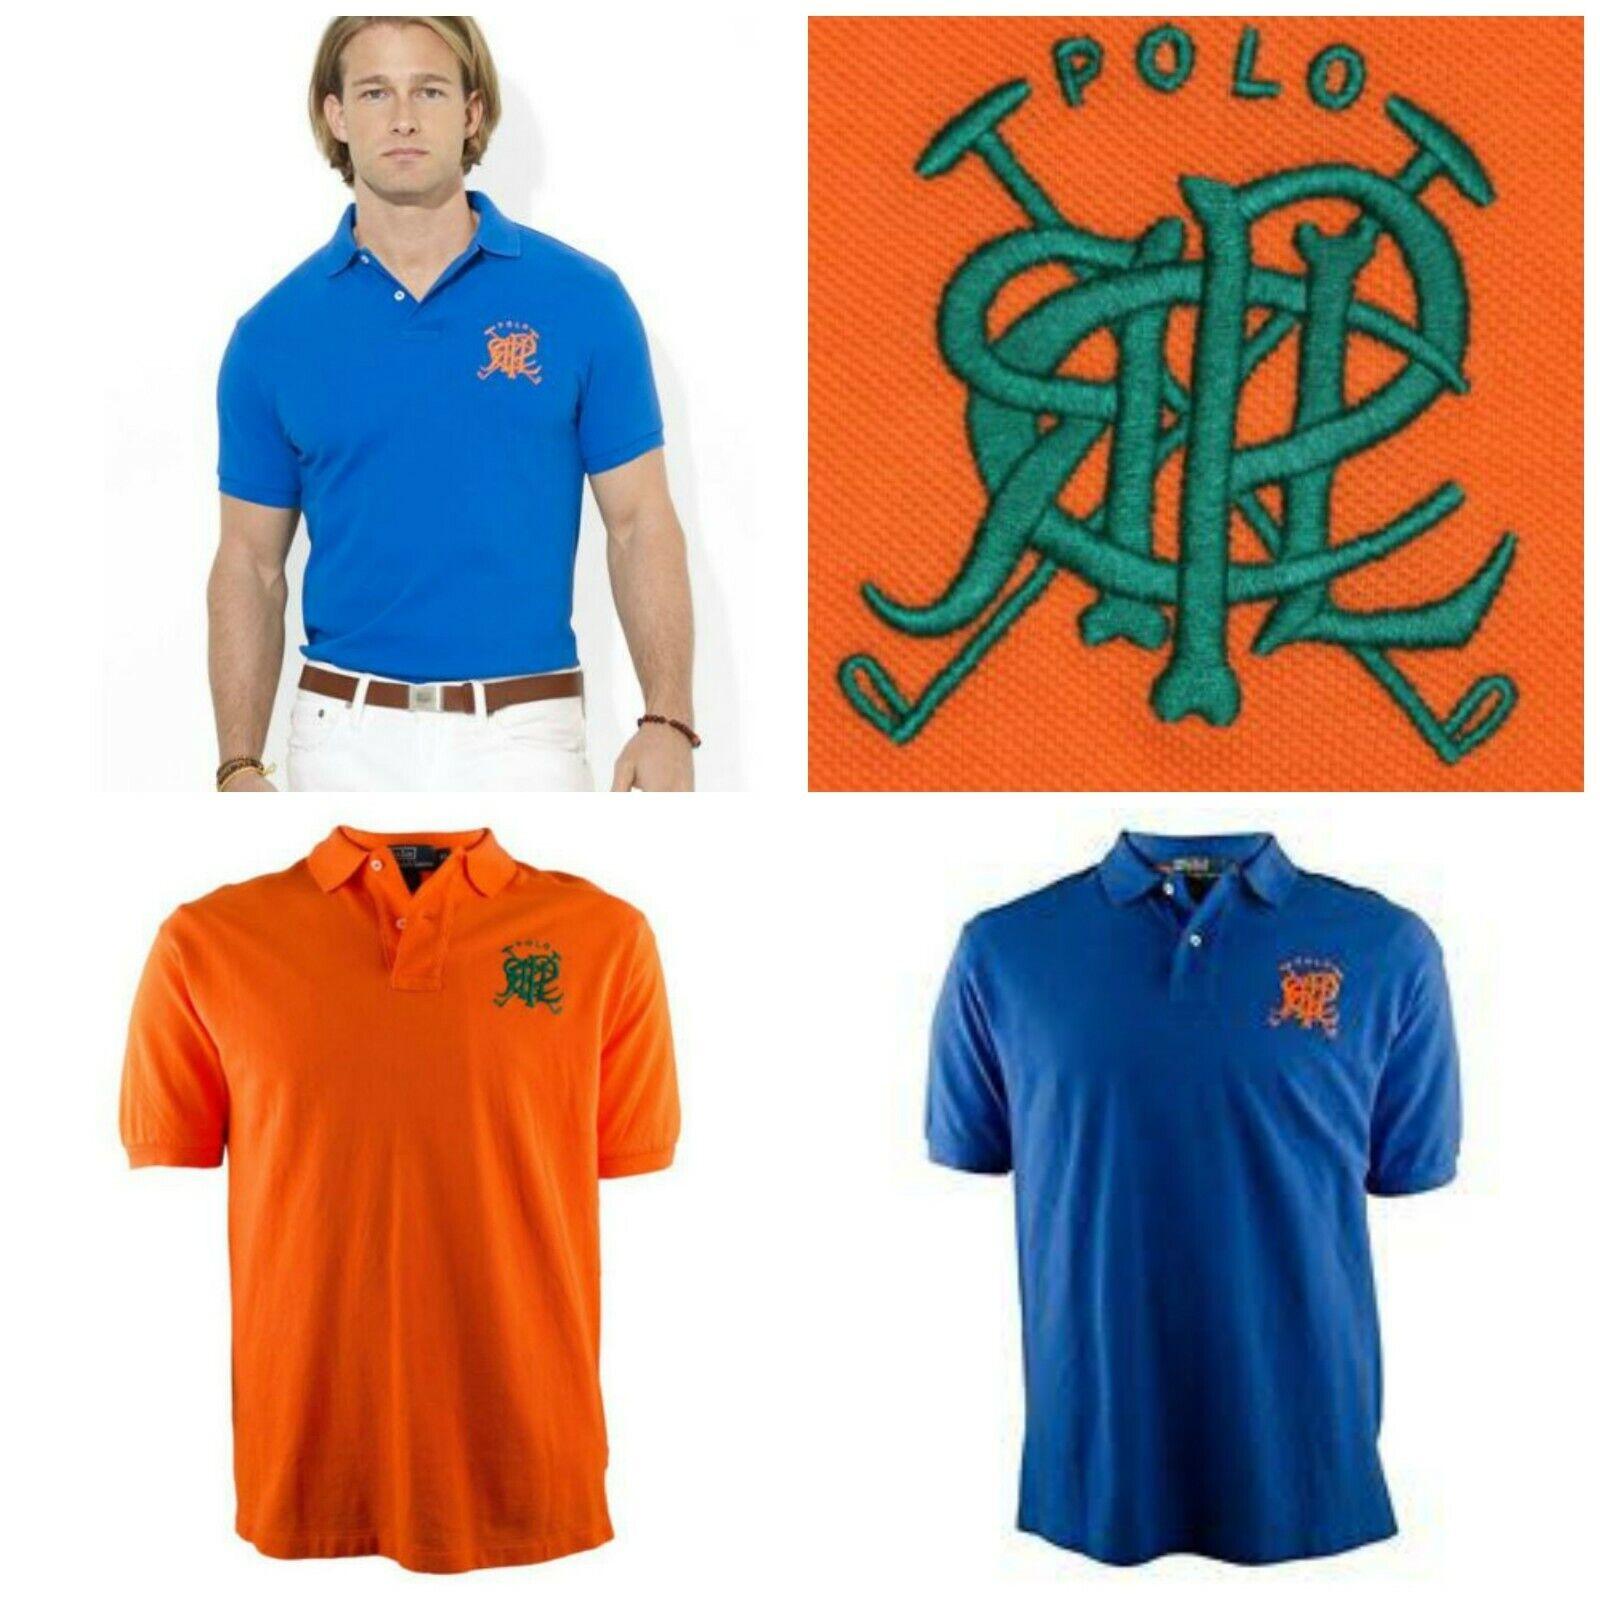 Men's Polo Ralph Lauren Shirt Classic-fit Cross Mallets Mesh Keel XL 2XL,